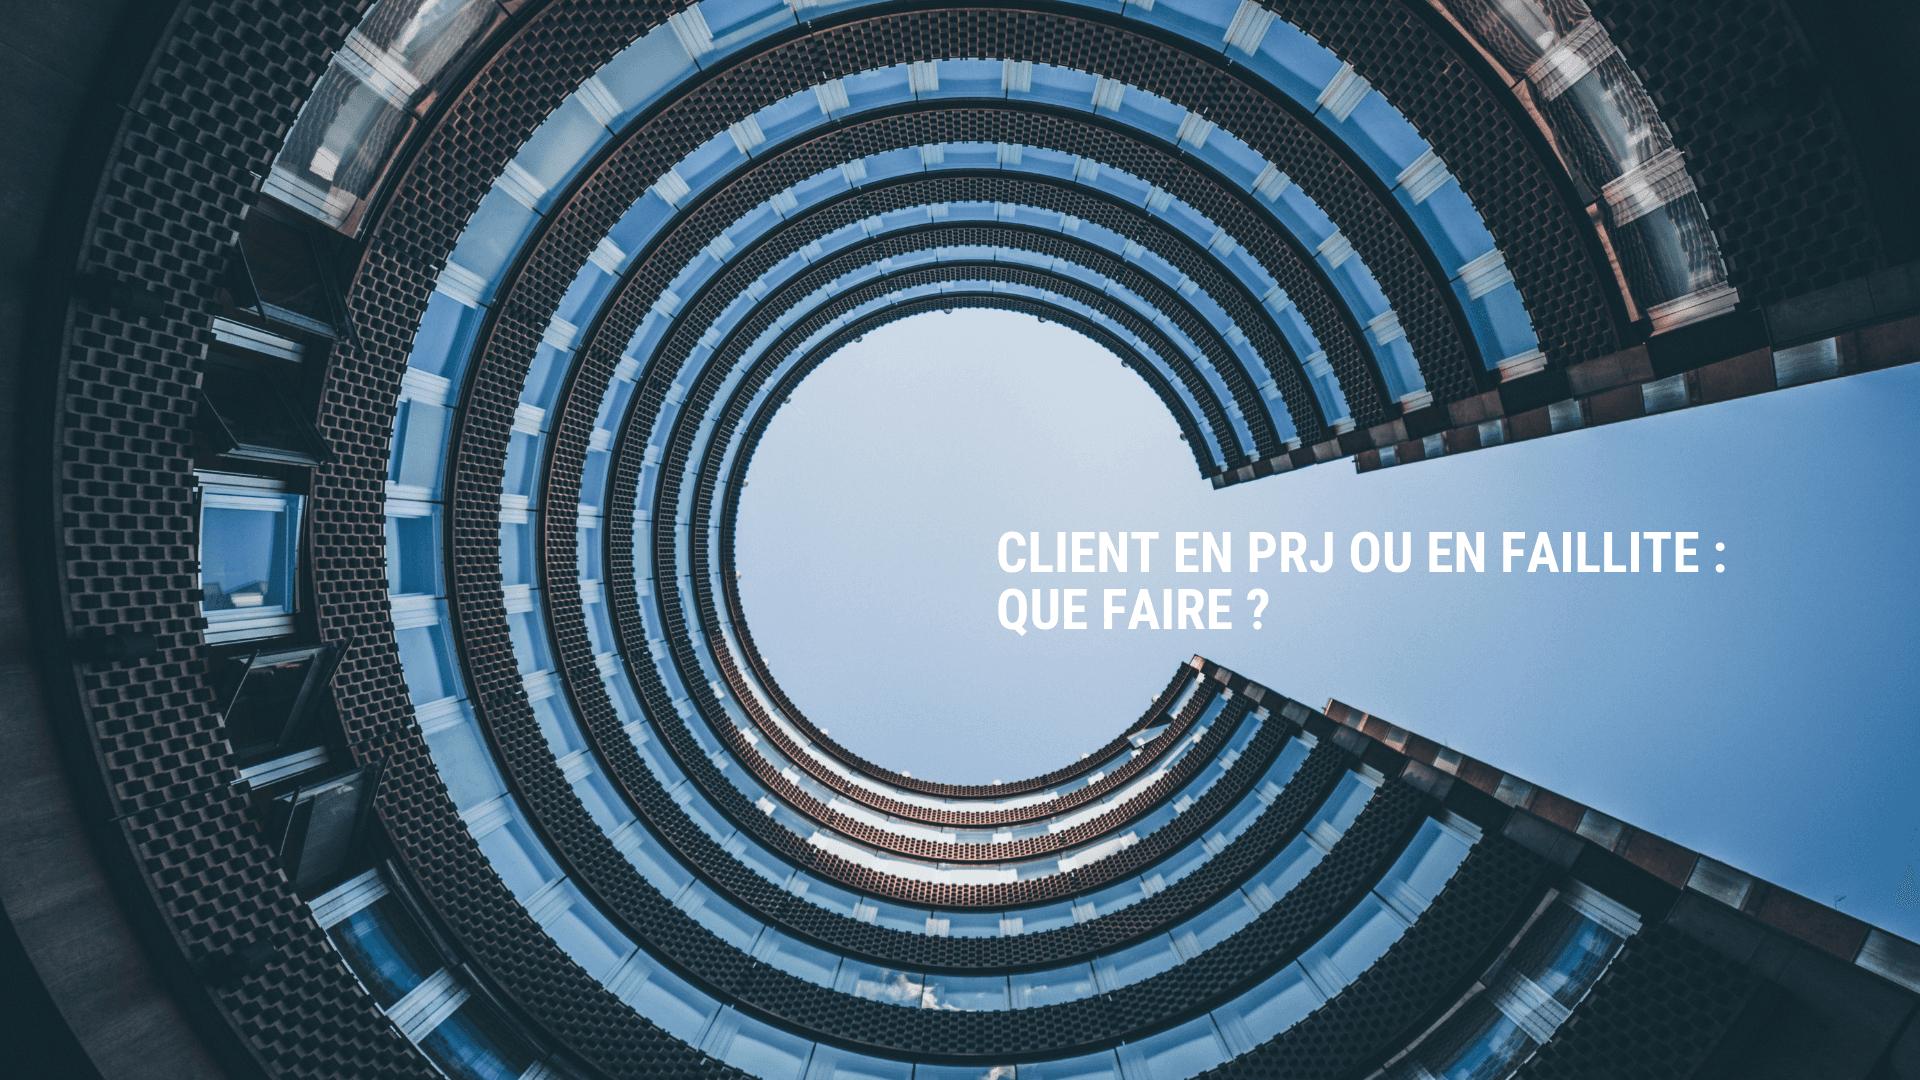 Client en PRJ ou en faillite: que faire?